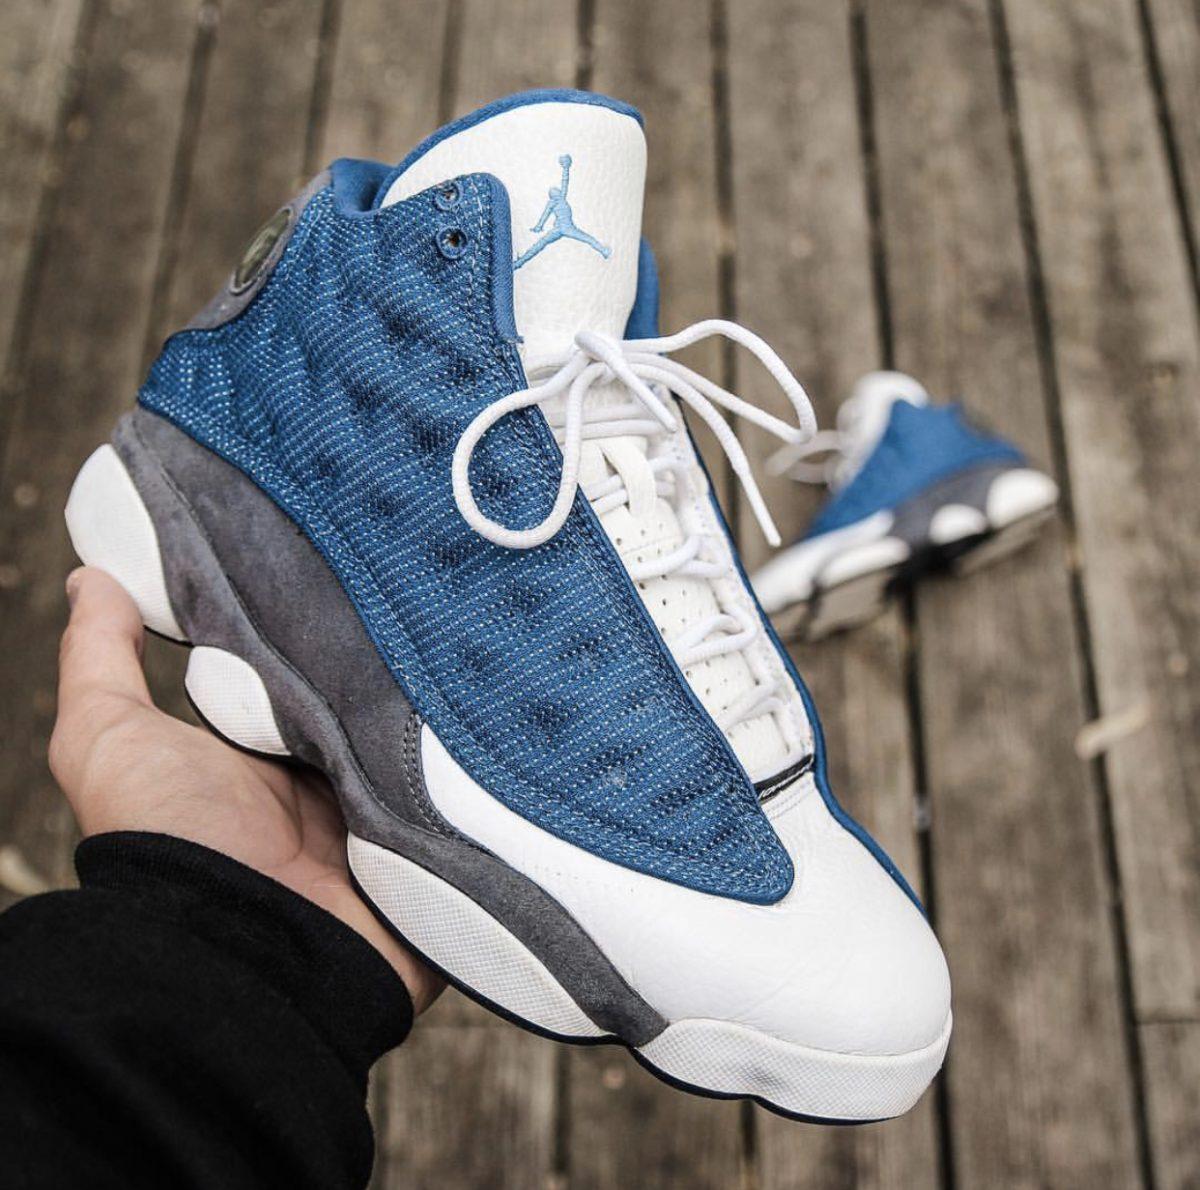 Air Jordan Shoes 13 Flint